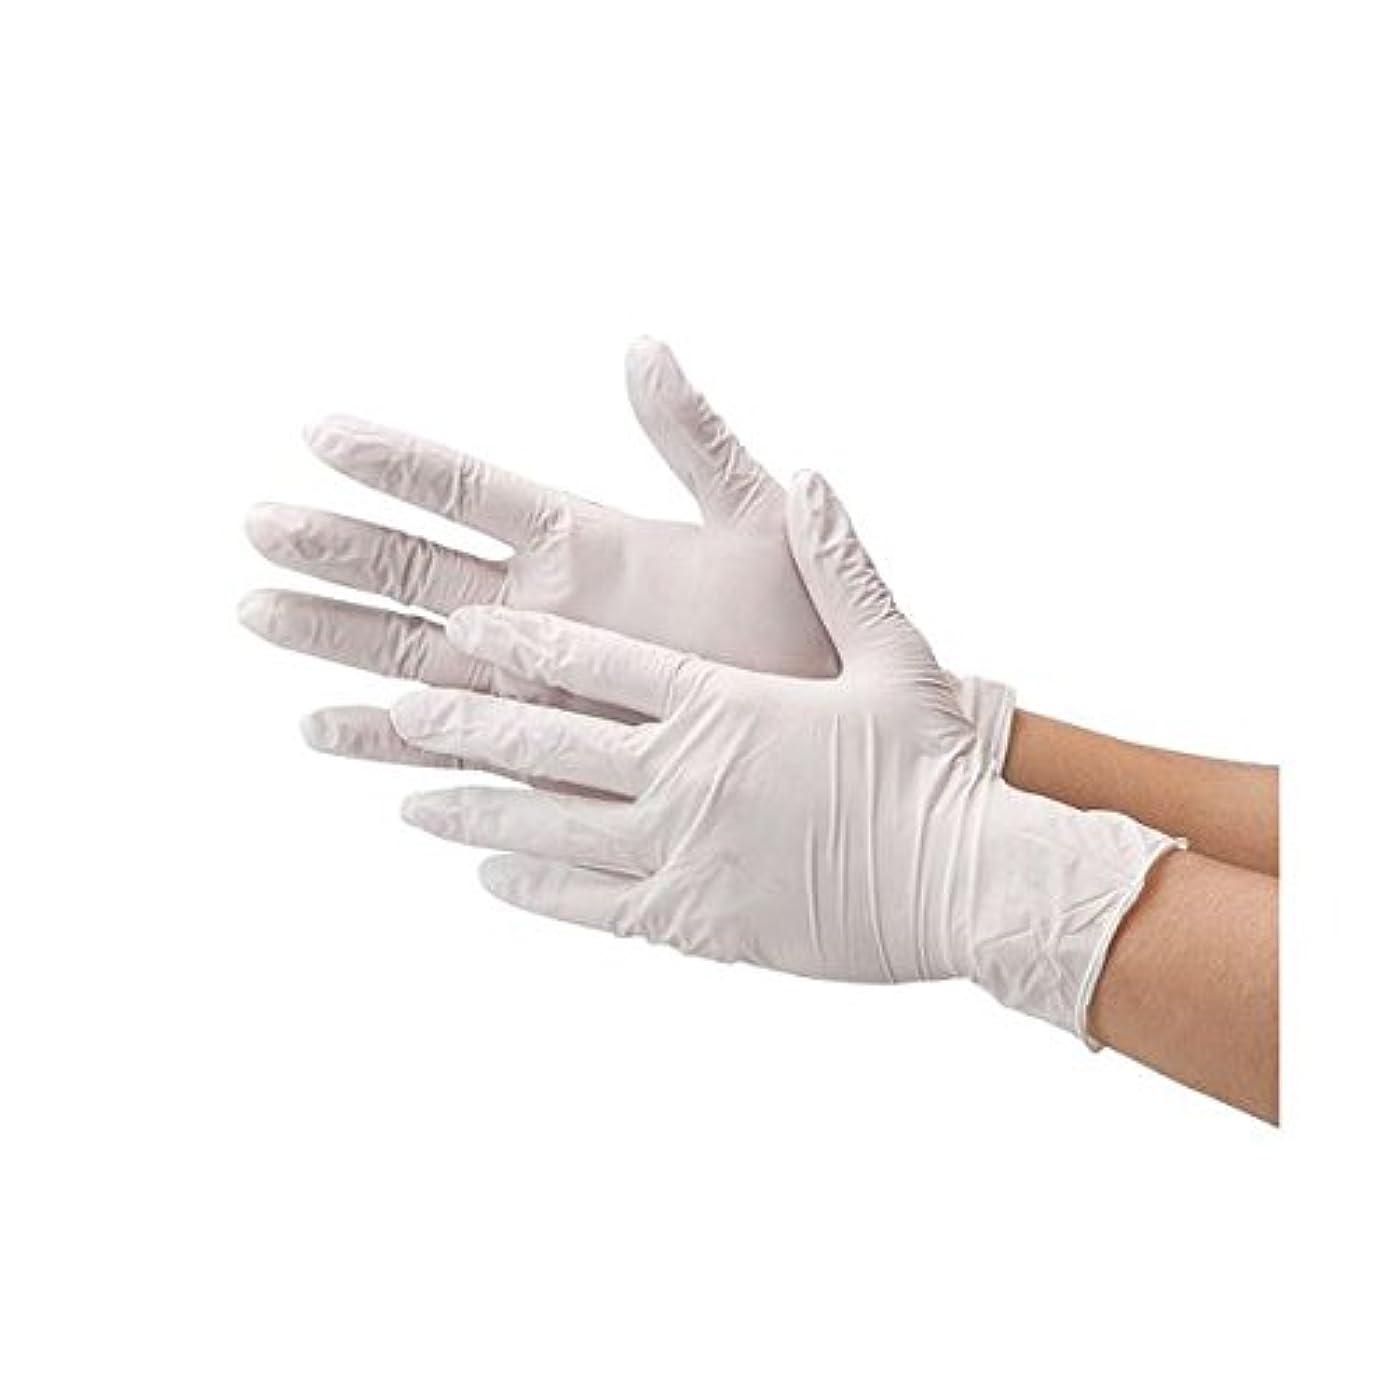 乳製品断言する滞在川西工業 ニトリル極薄手袋 粉なしホワイトS ダイエット 健康 衛生用品 その他の衛生用品 14067381 [並行輸入品]